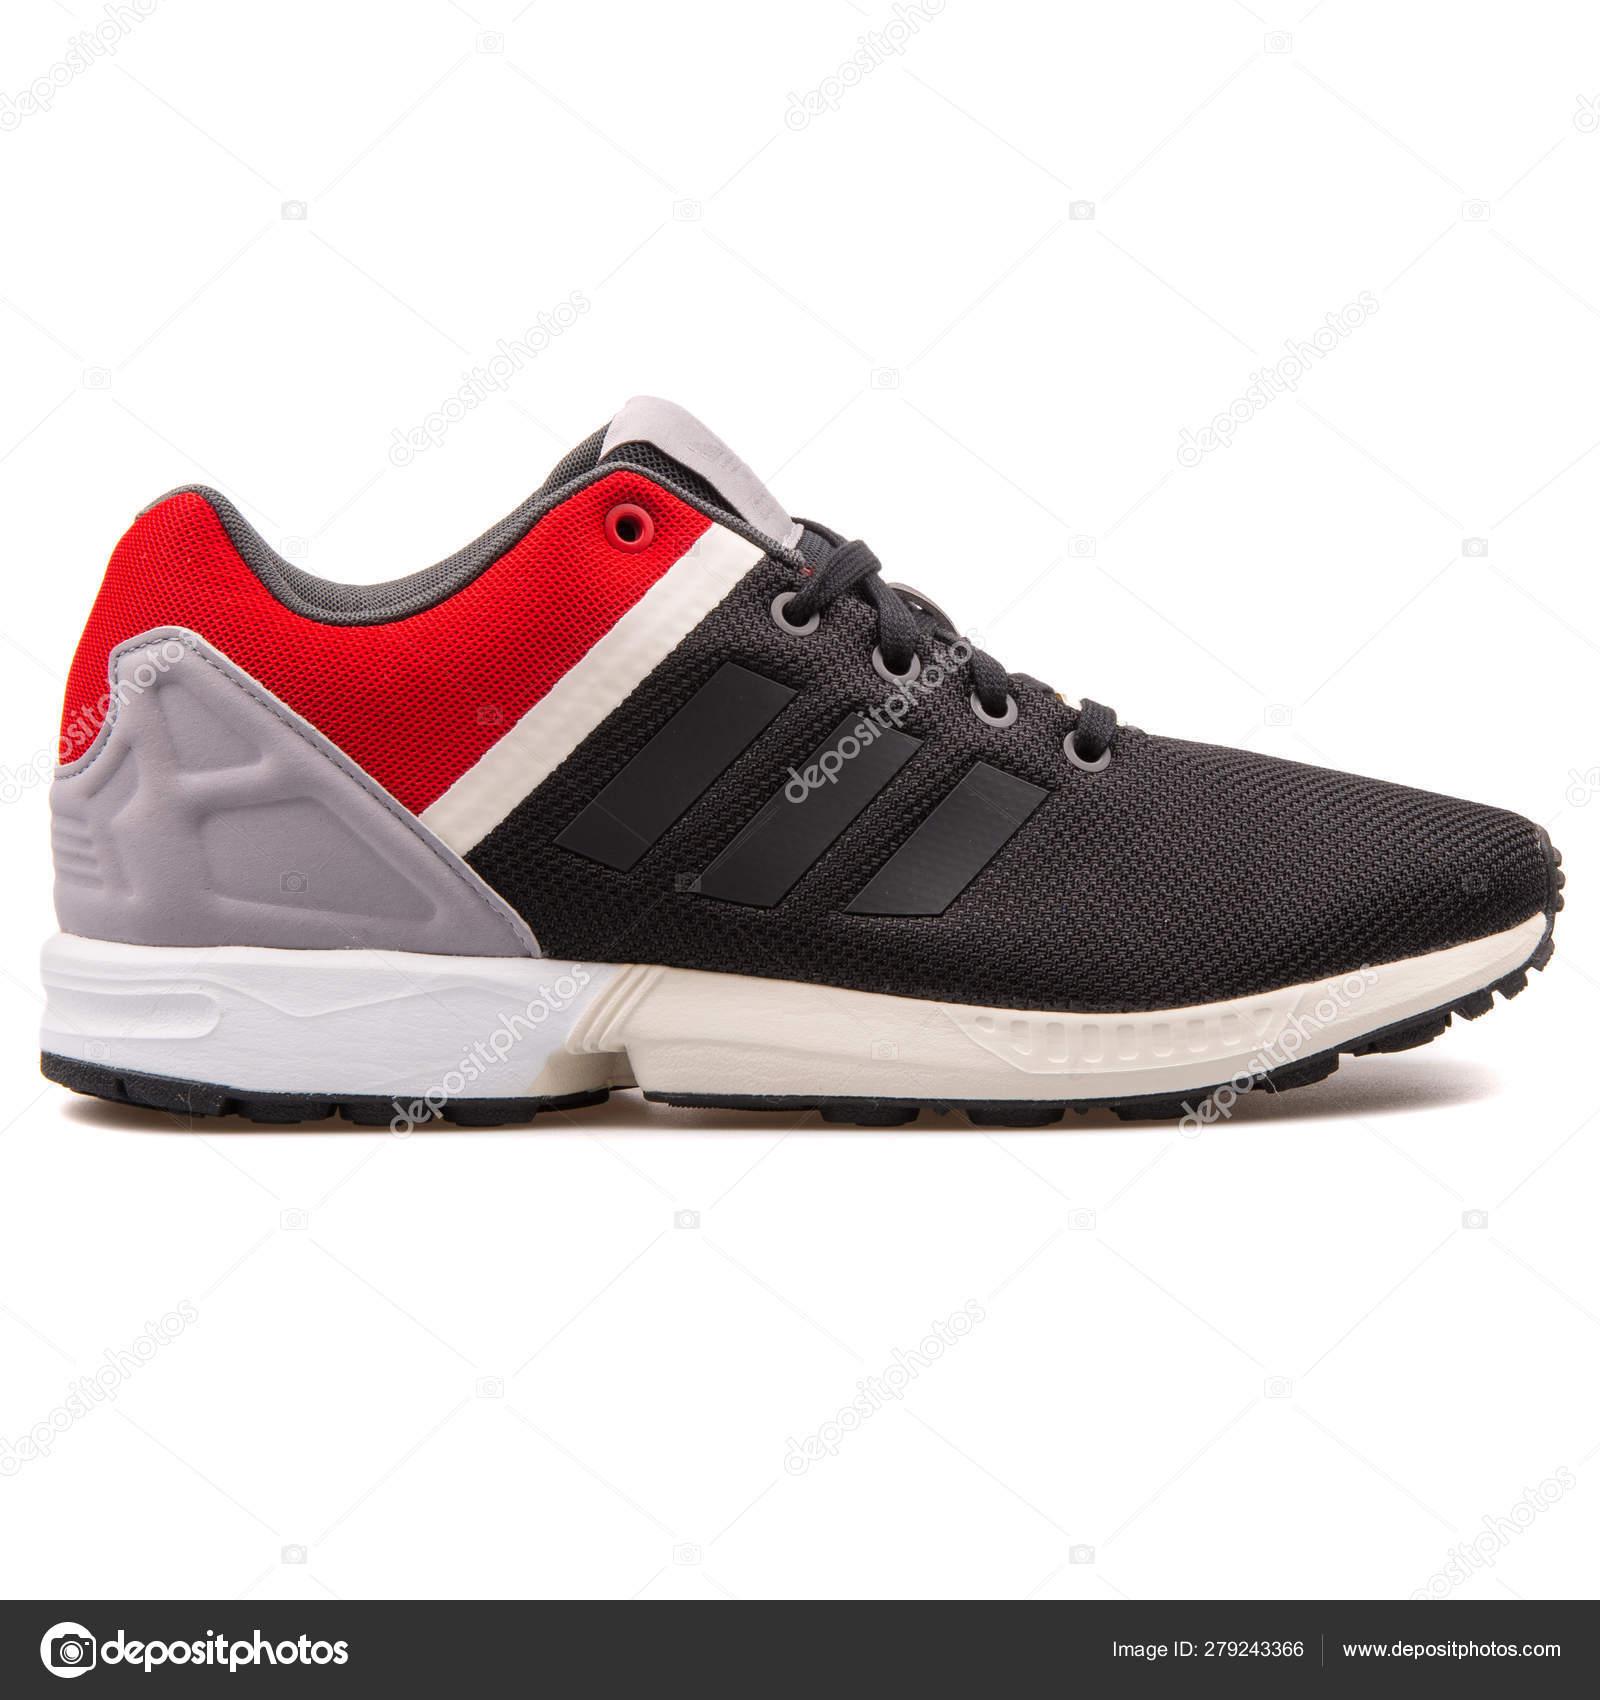 adidas zx 25